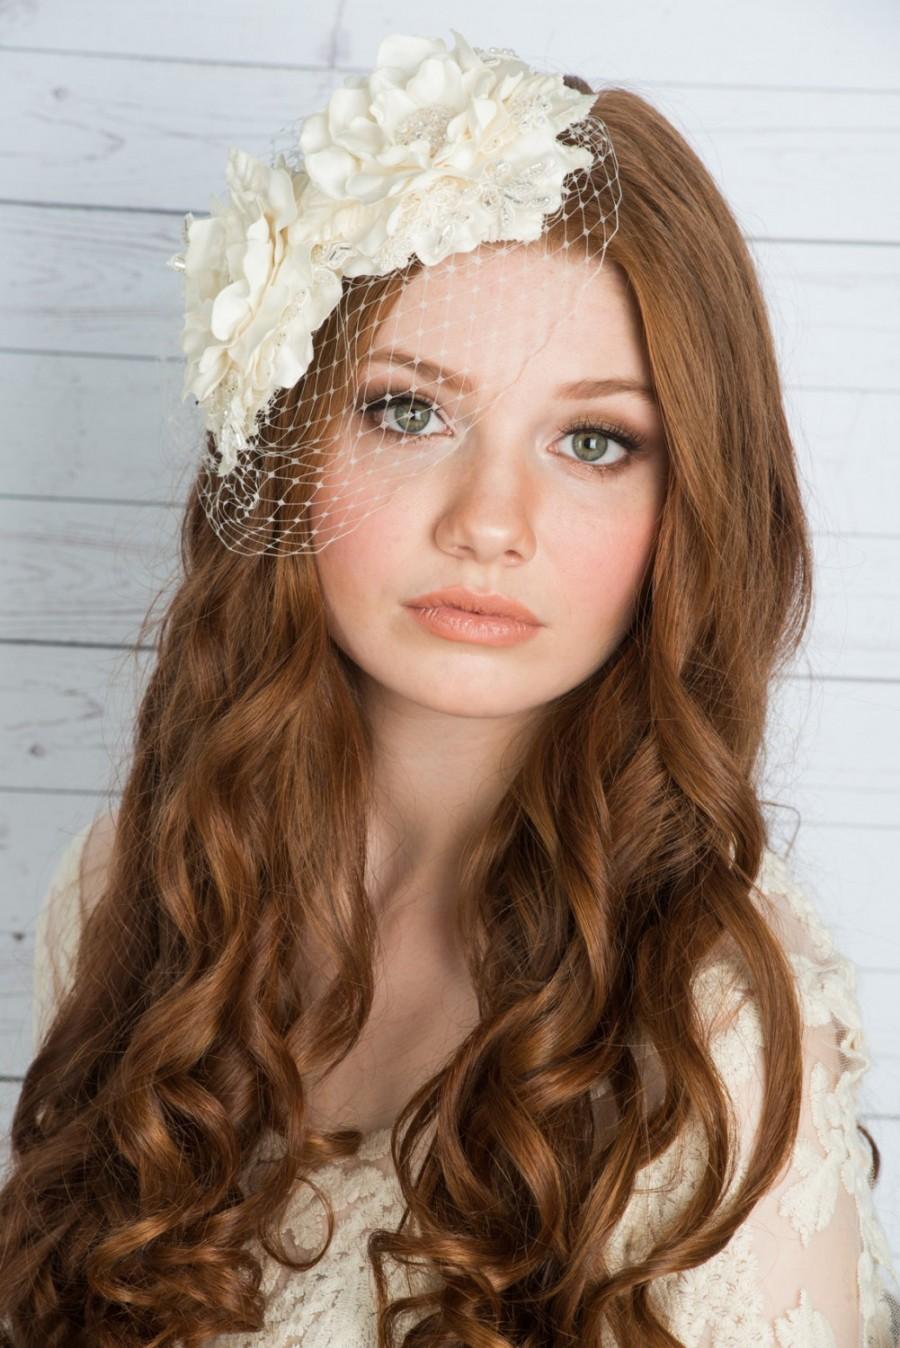 زفاف - Ivory Flower headpiece, Silk Flower headpiece, Birdcage Veil, Flower Birdcage Veil, Bridal Flower, Ivory Flower, Flower Fascinator, OLIVIA